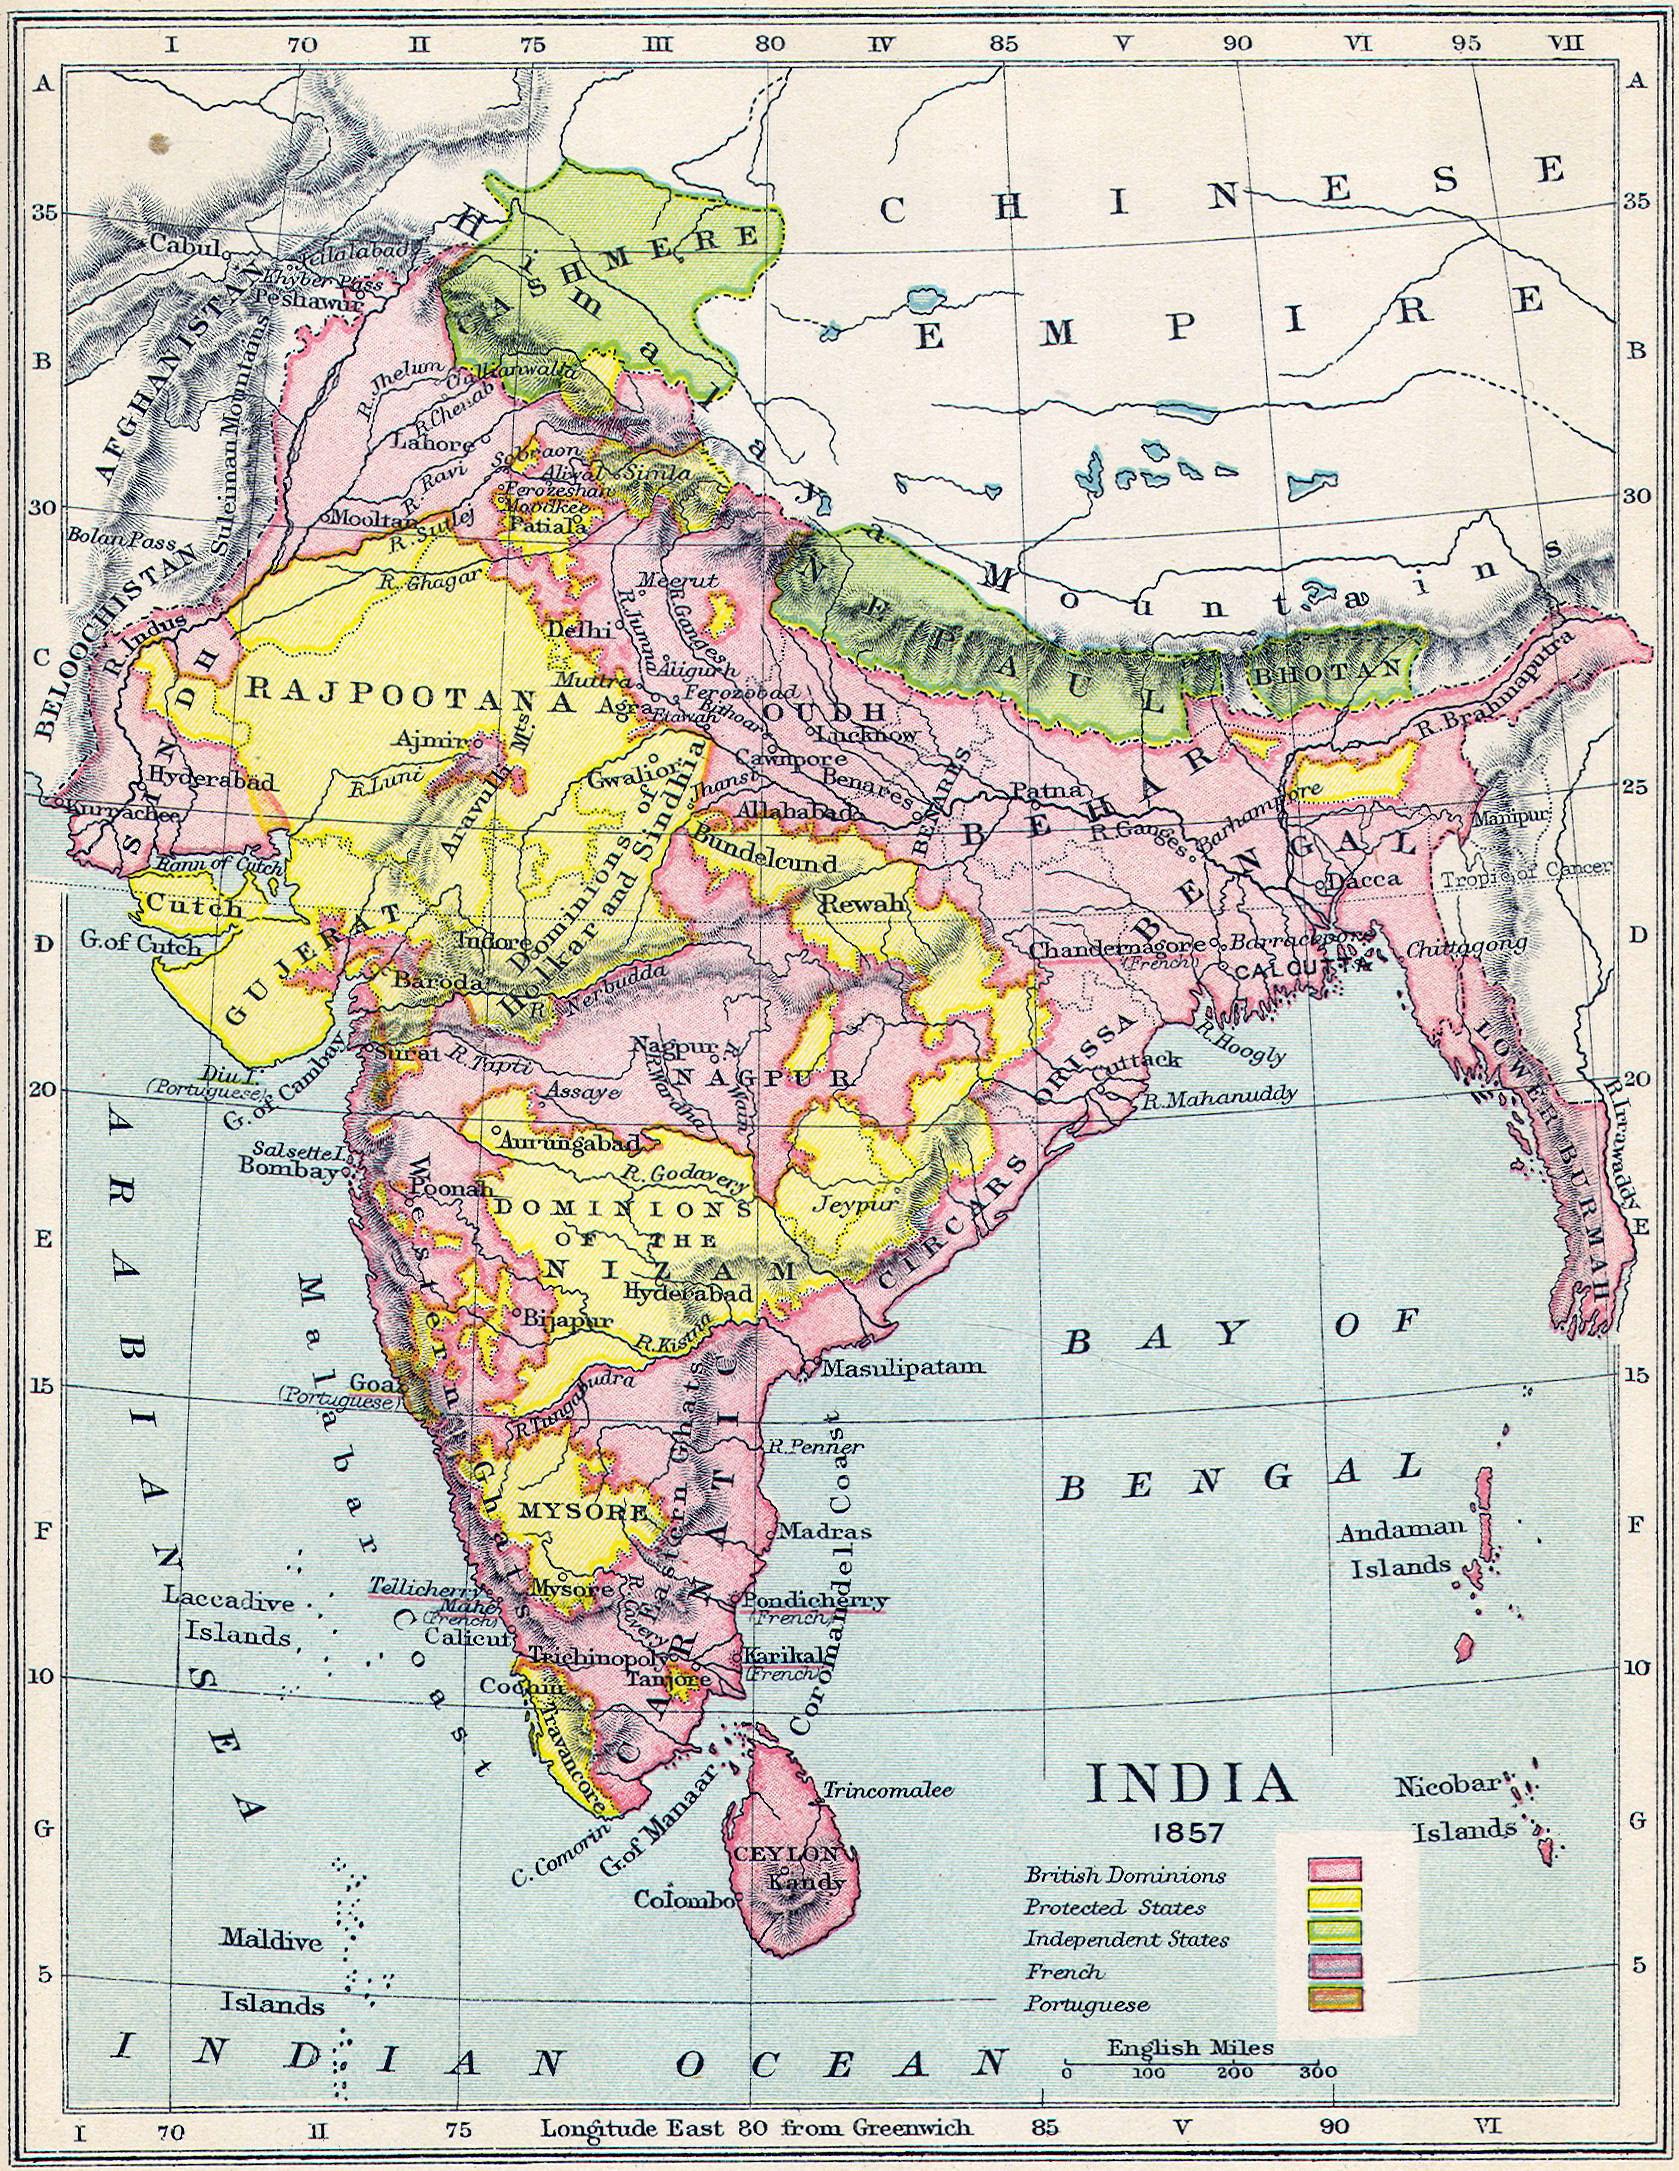 La rebelión de los cipayos de 1857, conocida también como El motín de los cipayos Gard061